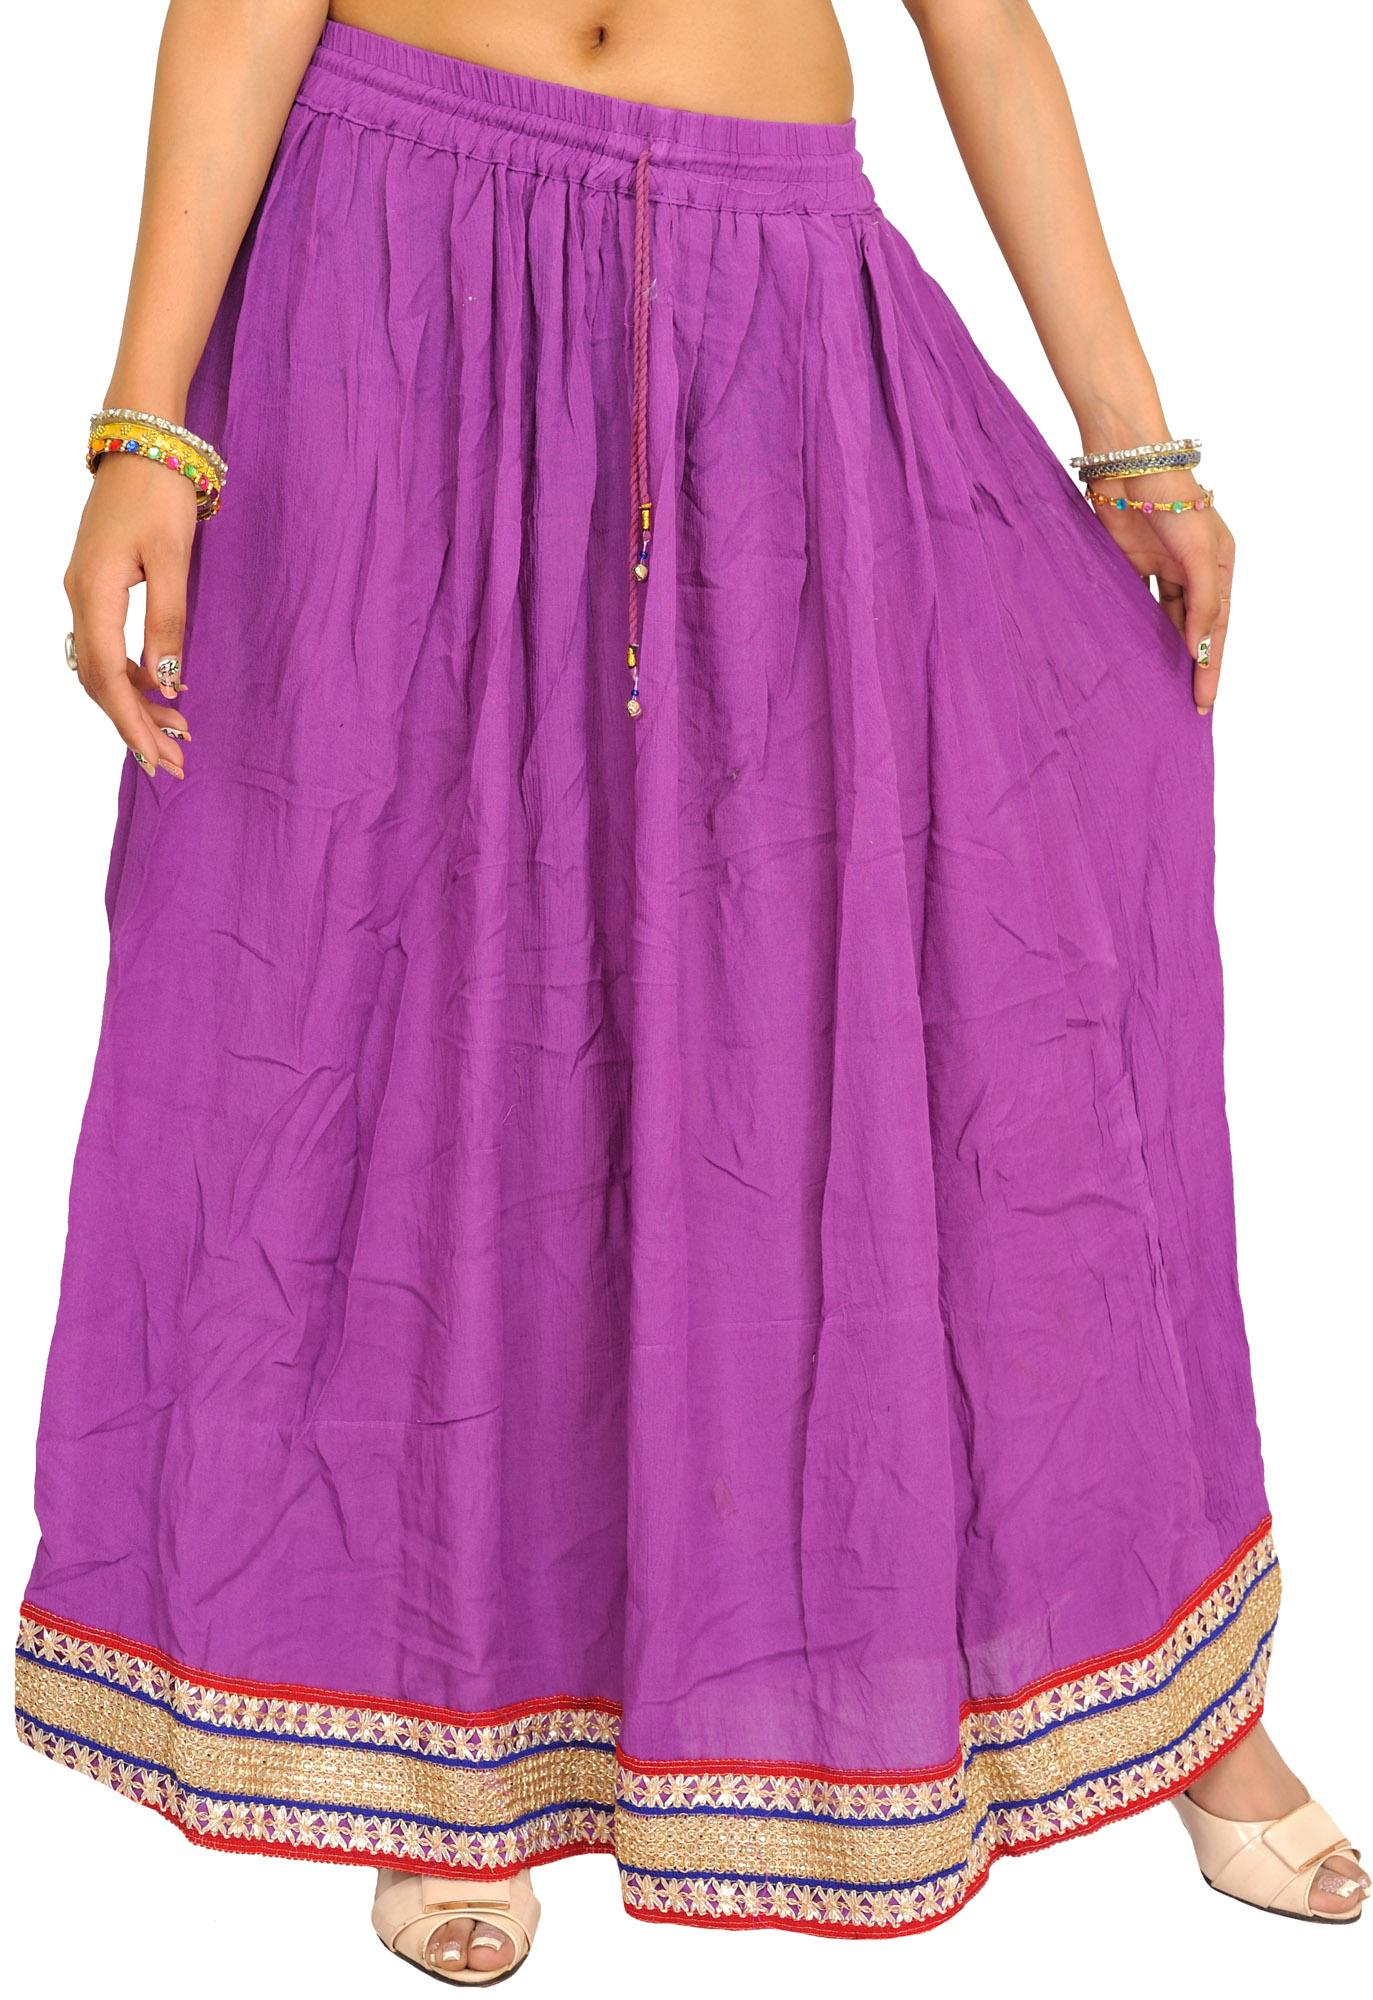 Plain Skirt 81